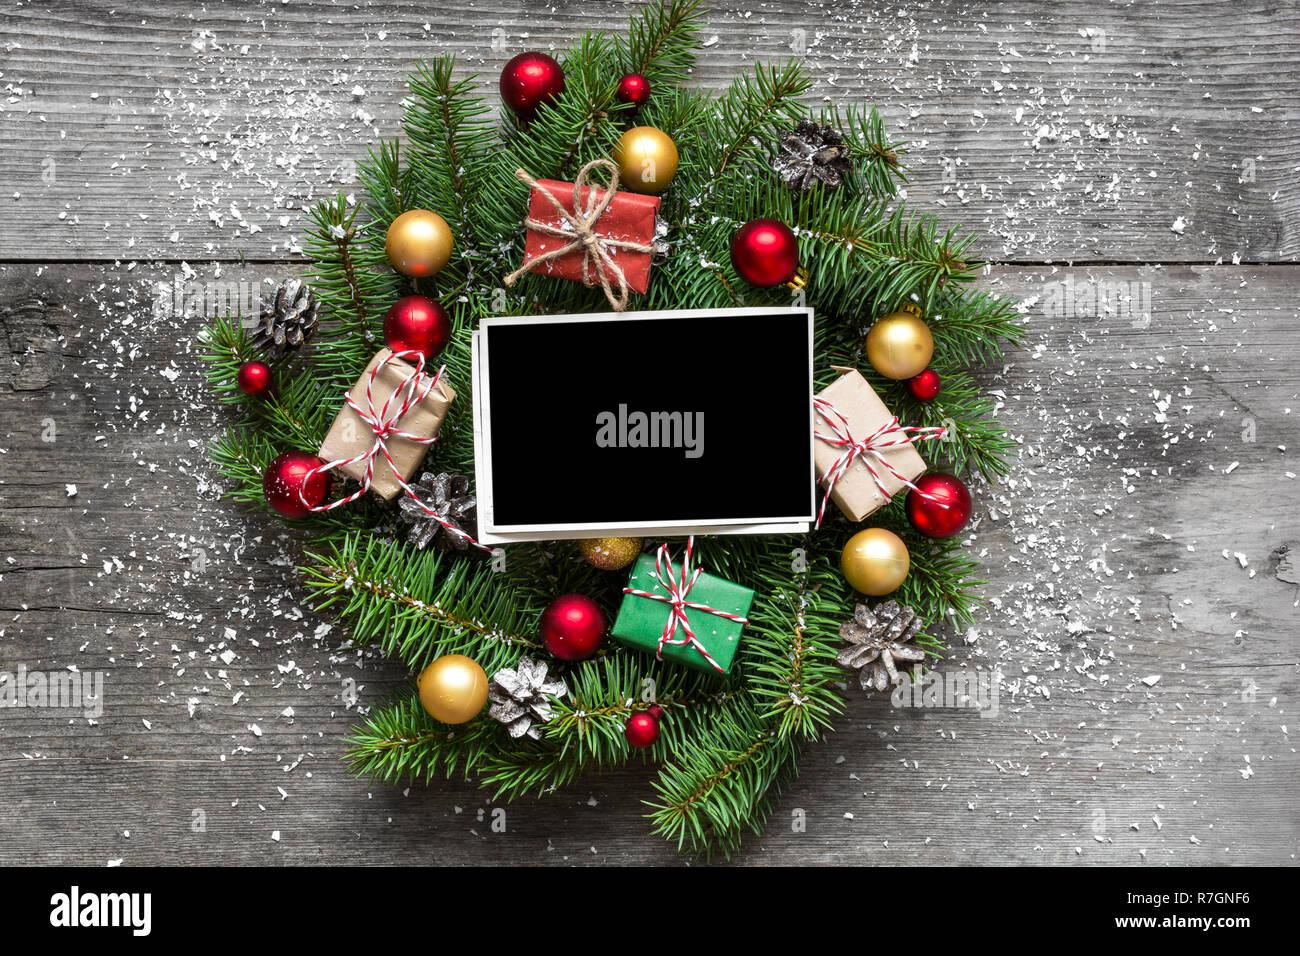 Fotorahmen Weihnachten.Leeren Fotorahmen In Weihnachten Kranz Mit Dekorationen Und